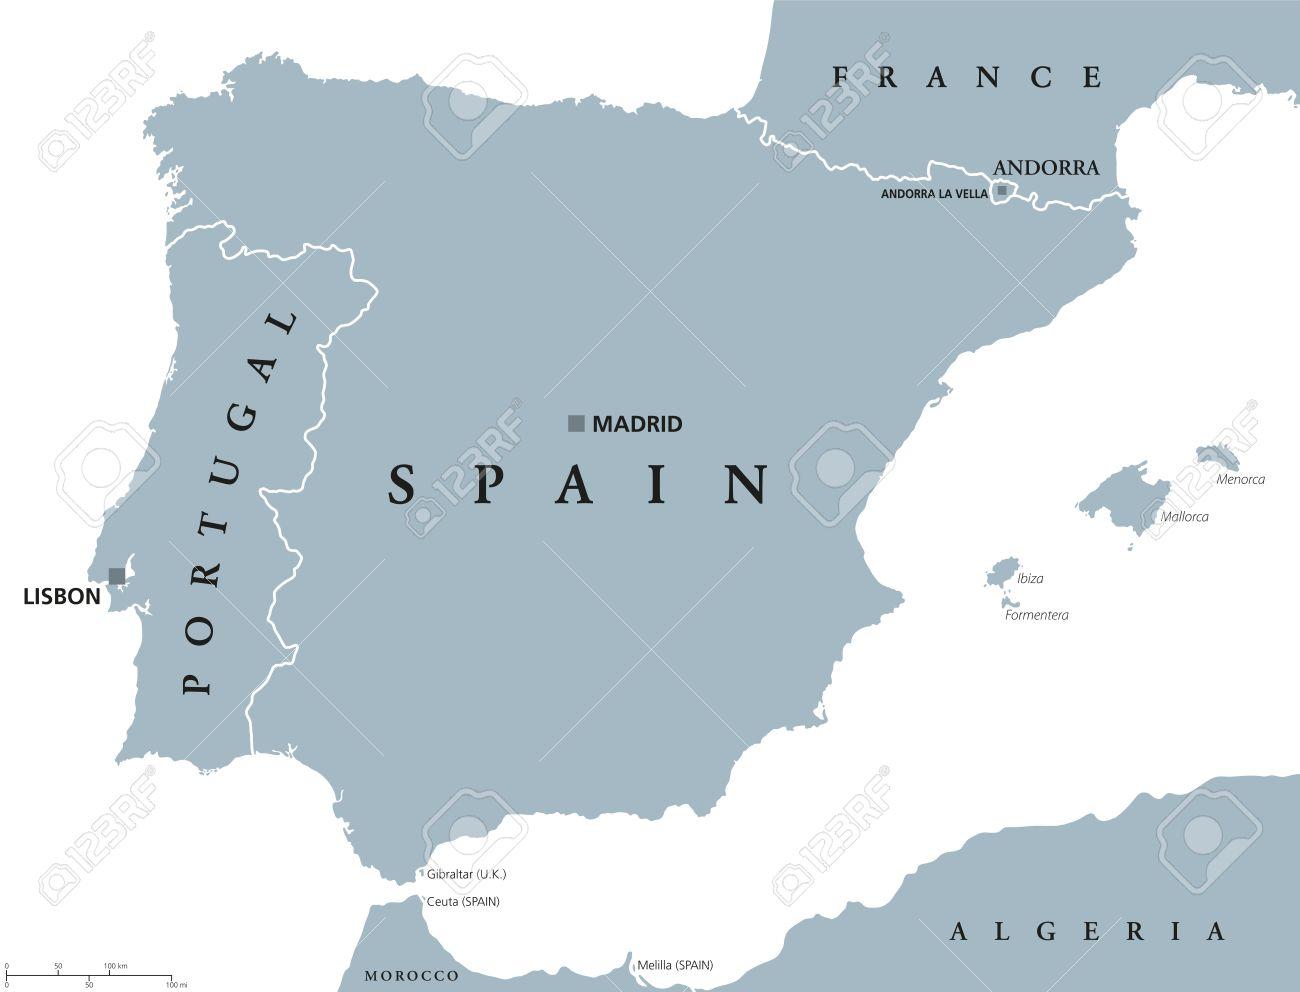 Portugal Y España Mapa Político Con Mayúsculas Lisboa Y Madrid Islas Baleares Y Las Fronteras Nacionales Ilustración Gris De La Península Ibérica Con El Etiquetado Inglés Y Escalado En El Fondo Blanco